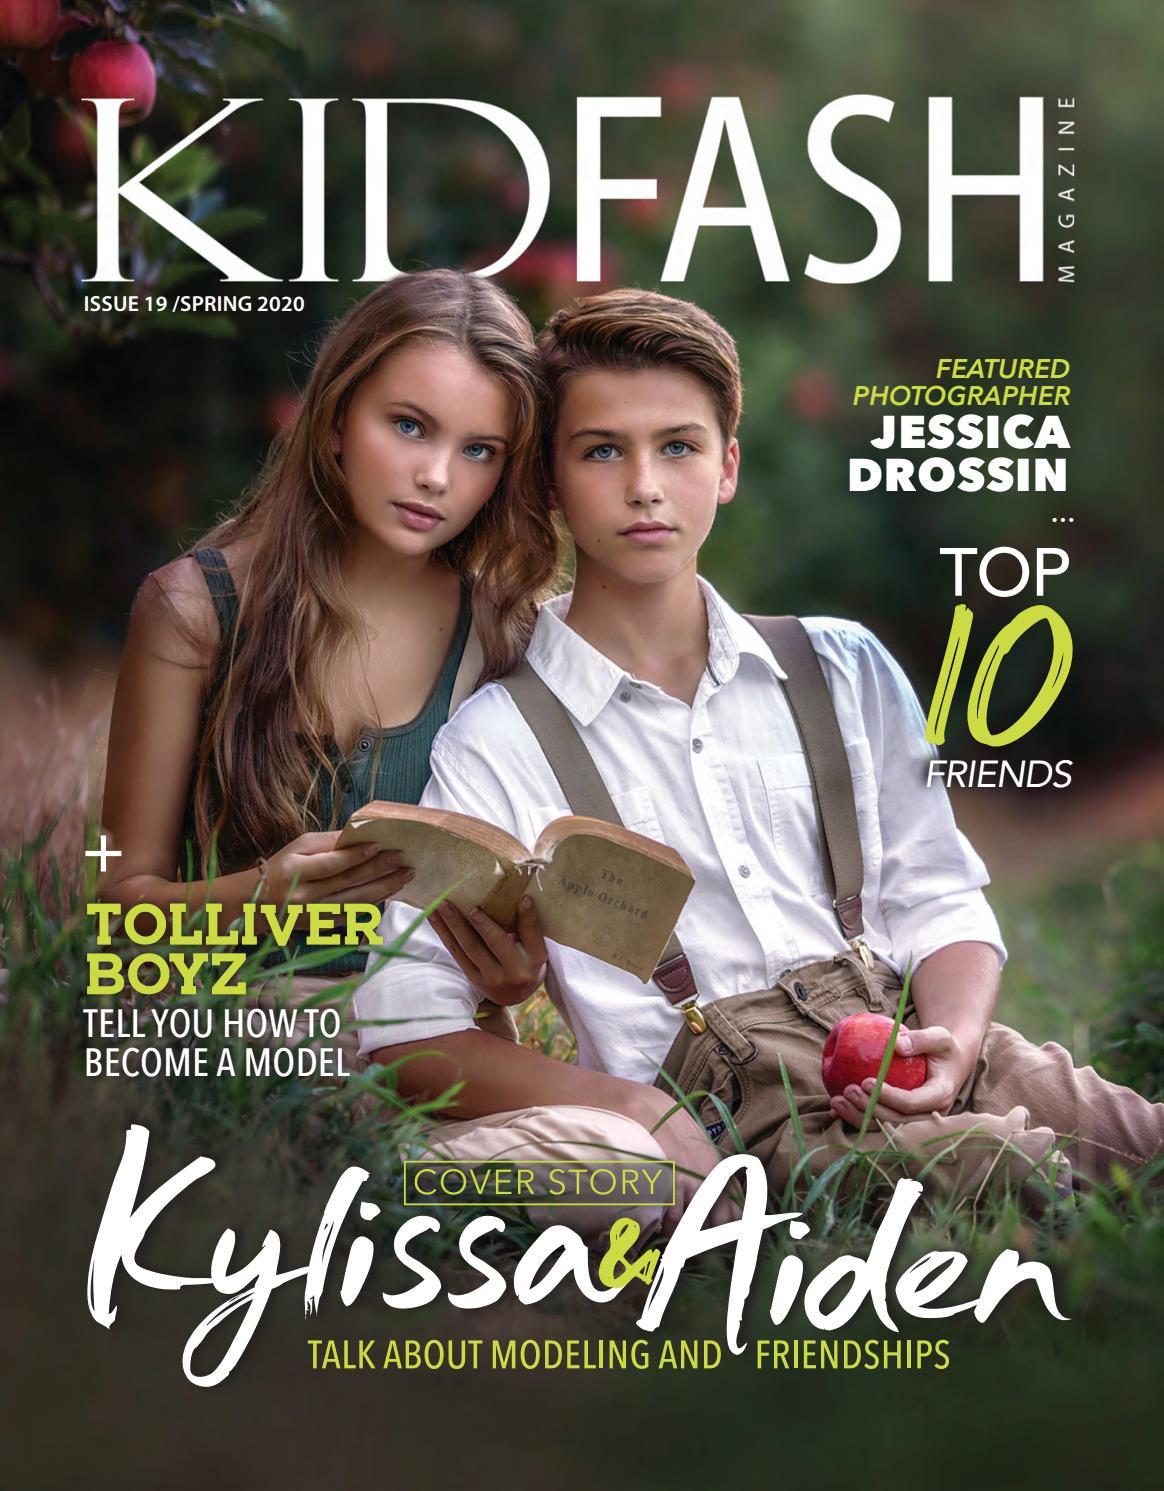 Kidfash Magazine April 2020 Issue National By Kidfash Magazine Issuu